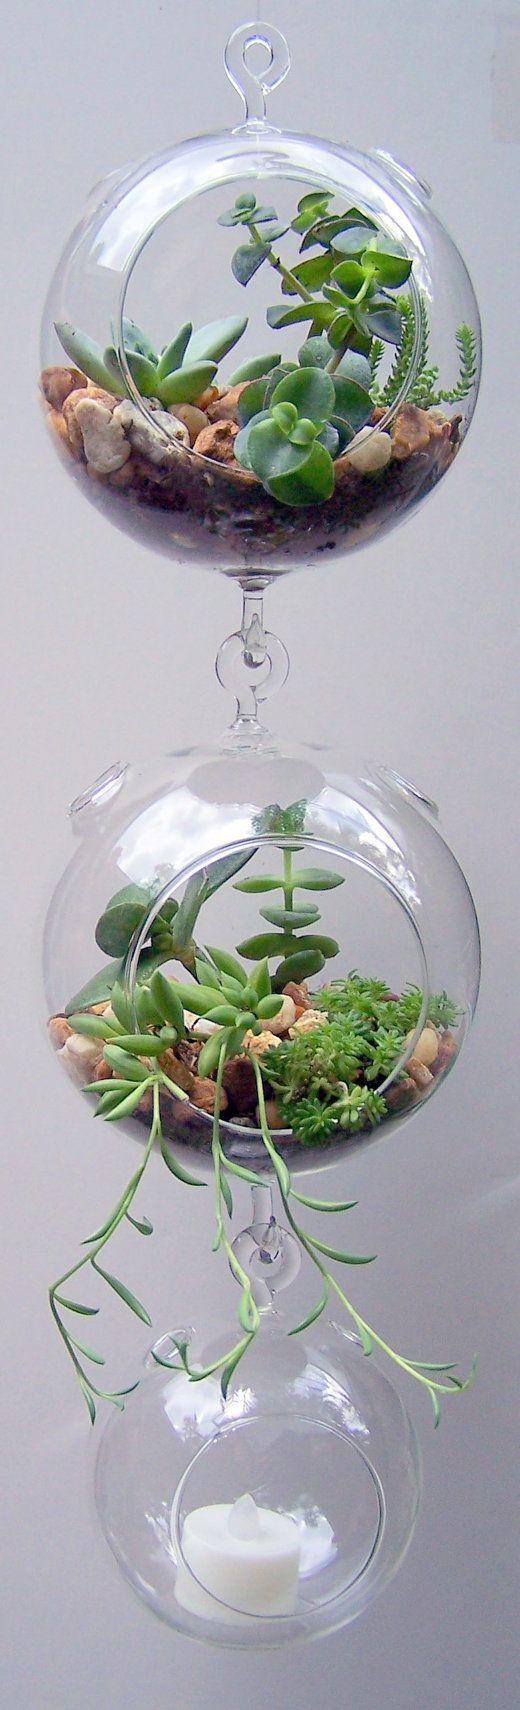 Inspiration déco: le terrarium | Femina